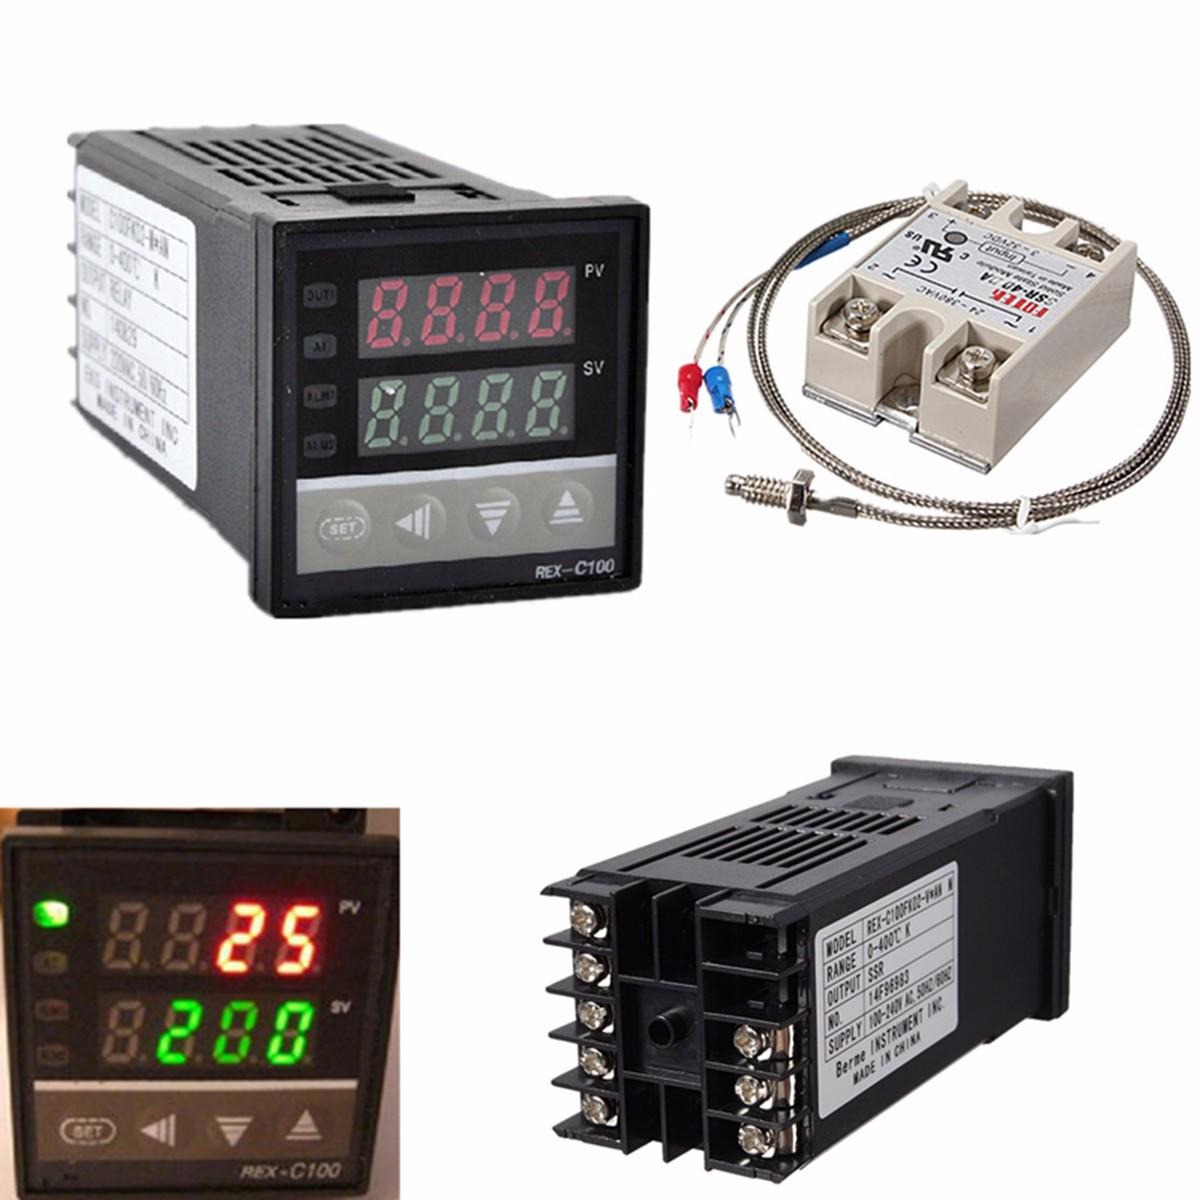 Controlador de temperatura Digital PID termostato REX-C100 + relé Max.40A SSR + Sonda de termopar K